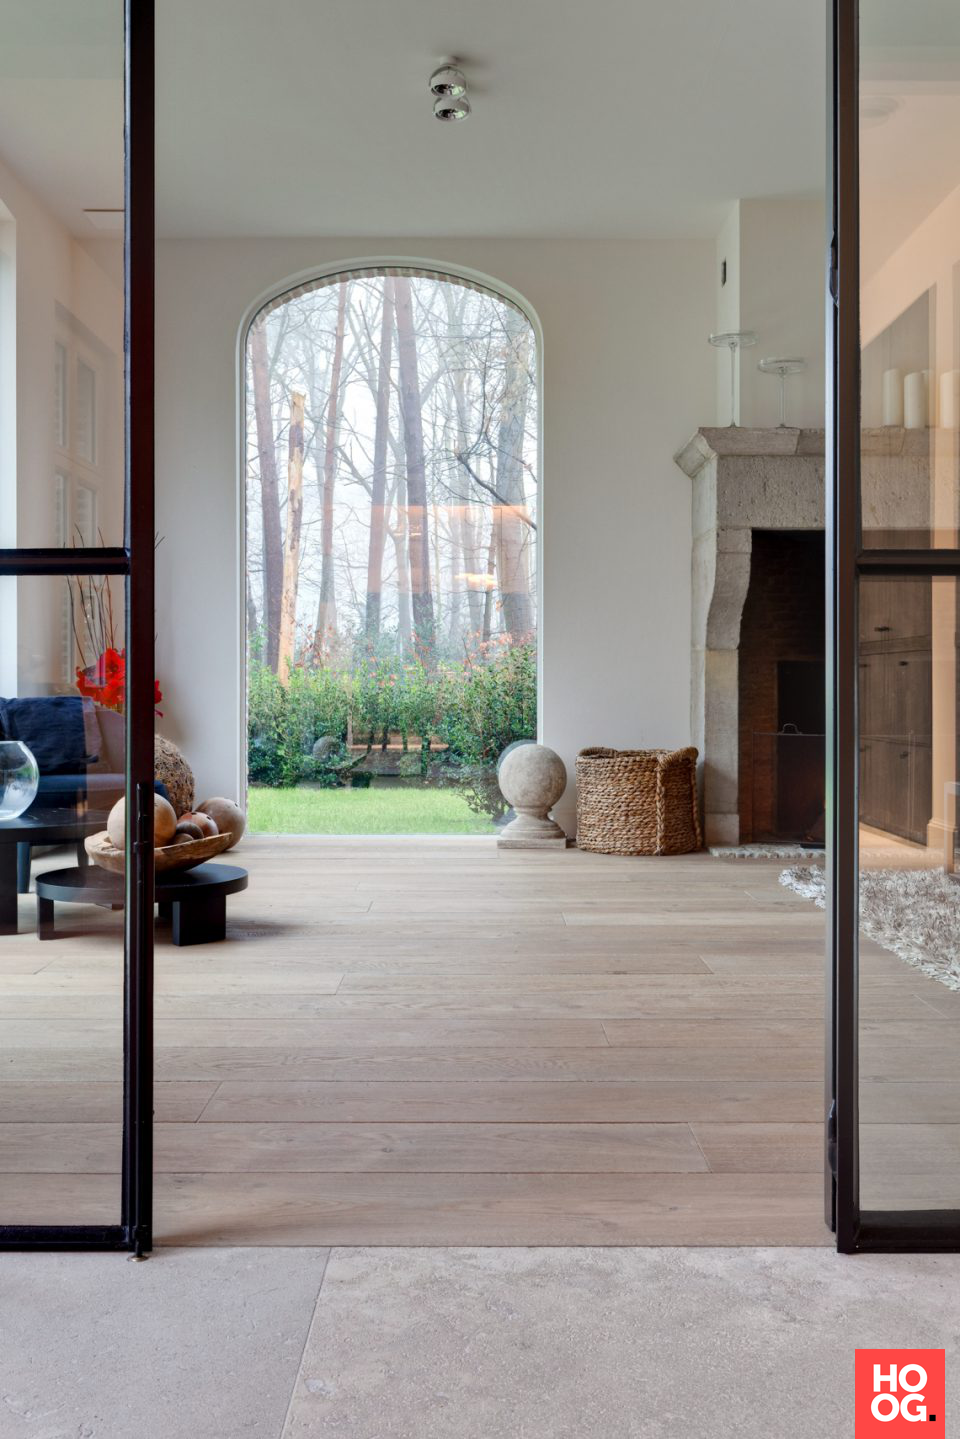 Houten vloer in landelijke woning | woonkamer ideeën | living room ...